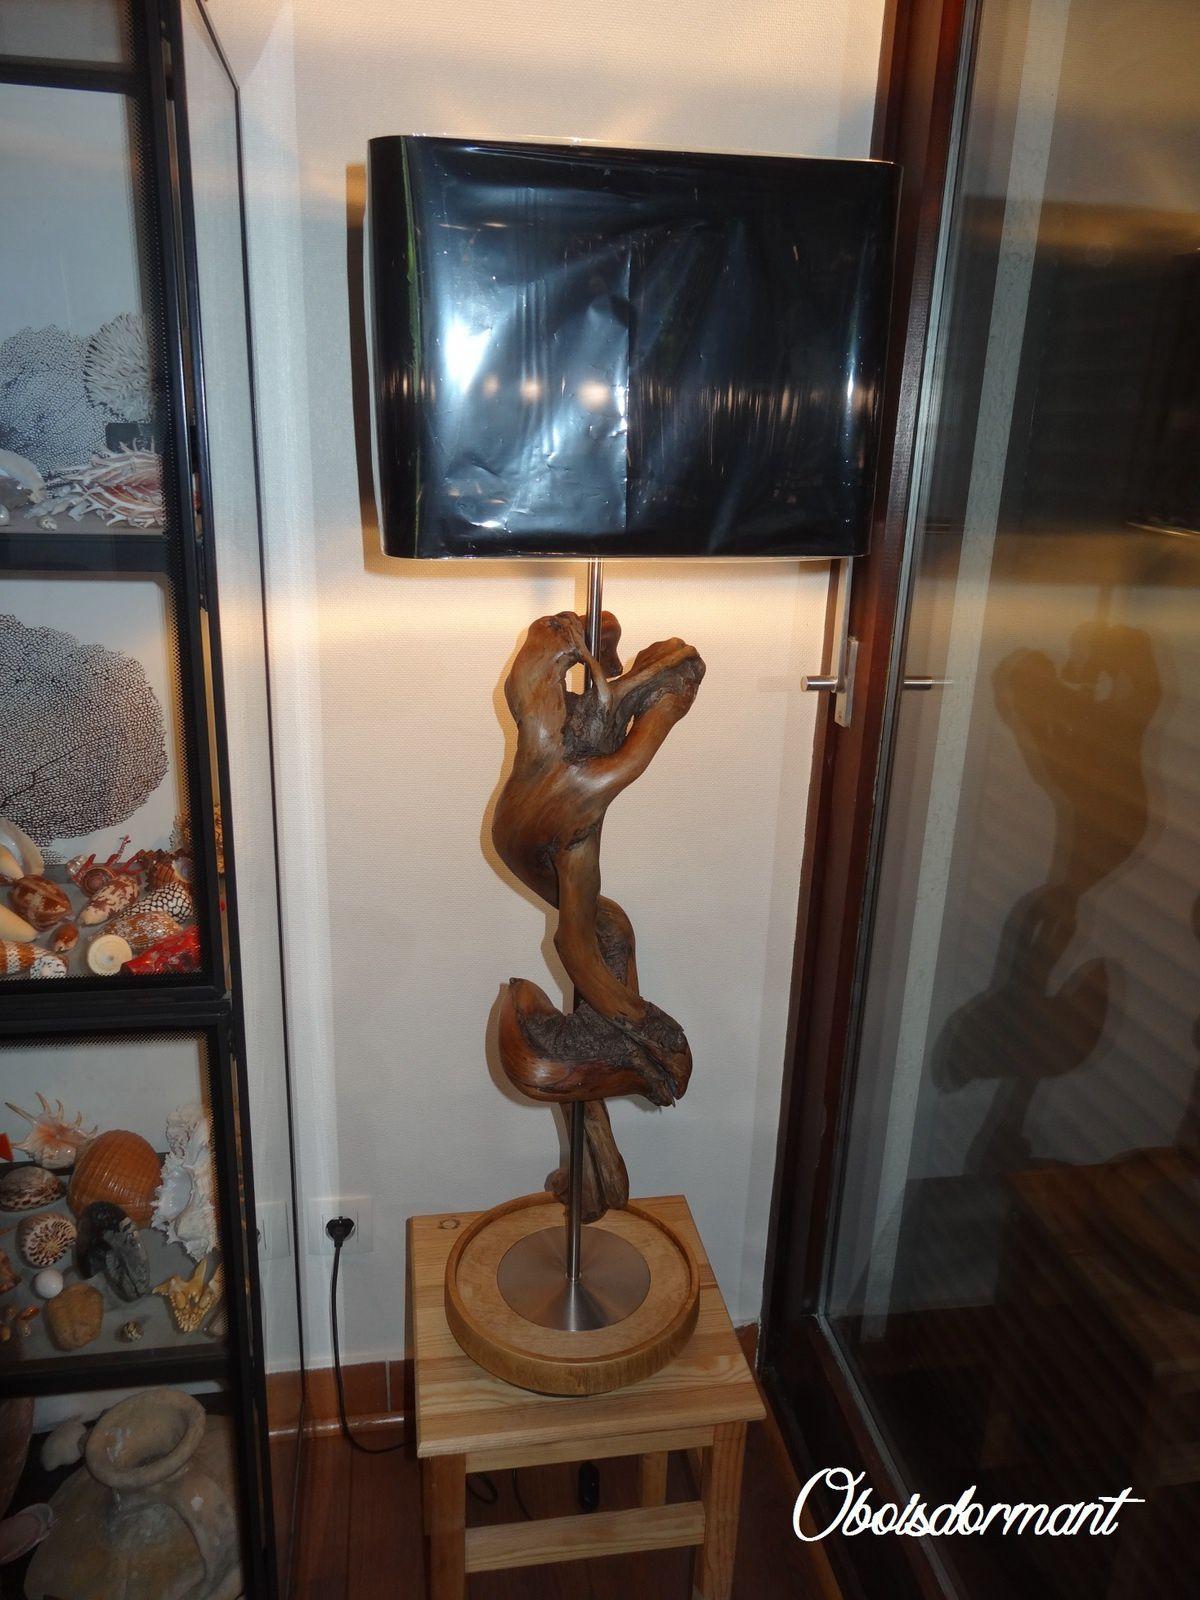 Très grande lampe en bois flotté Ôboisdormant